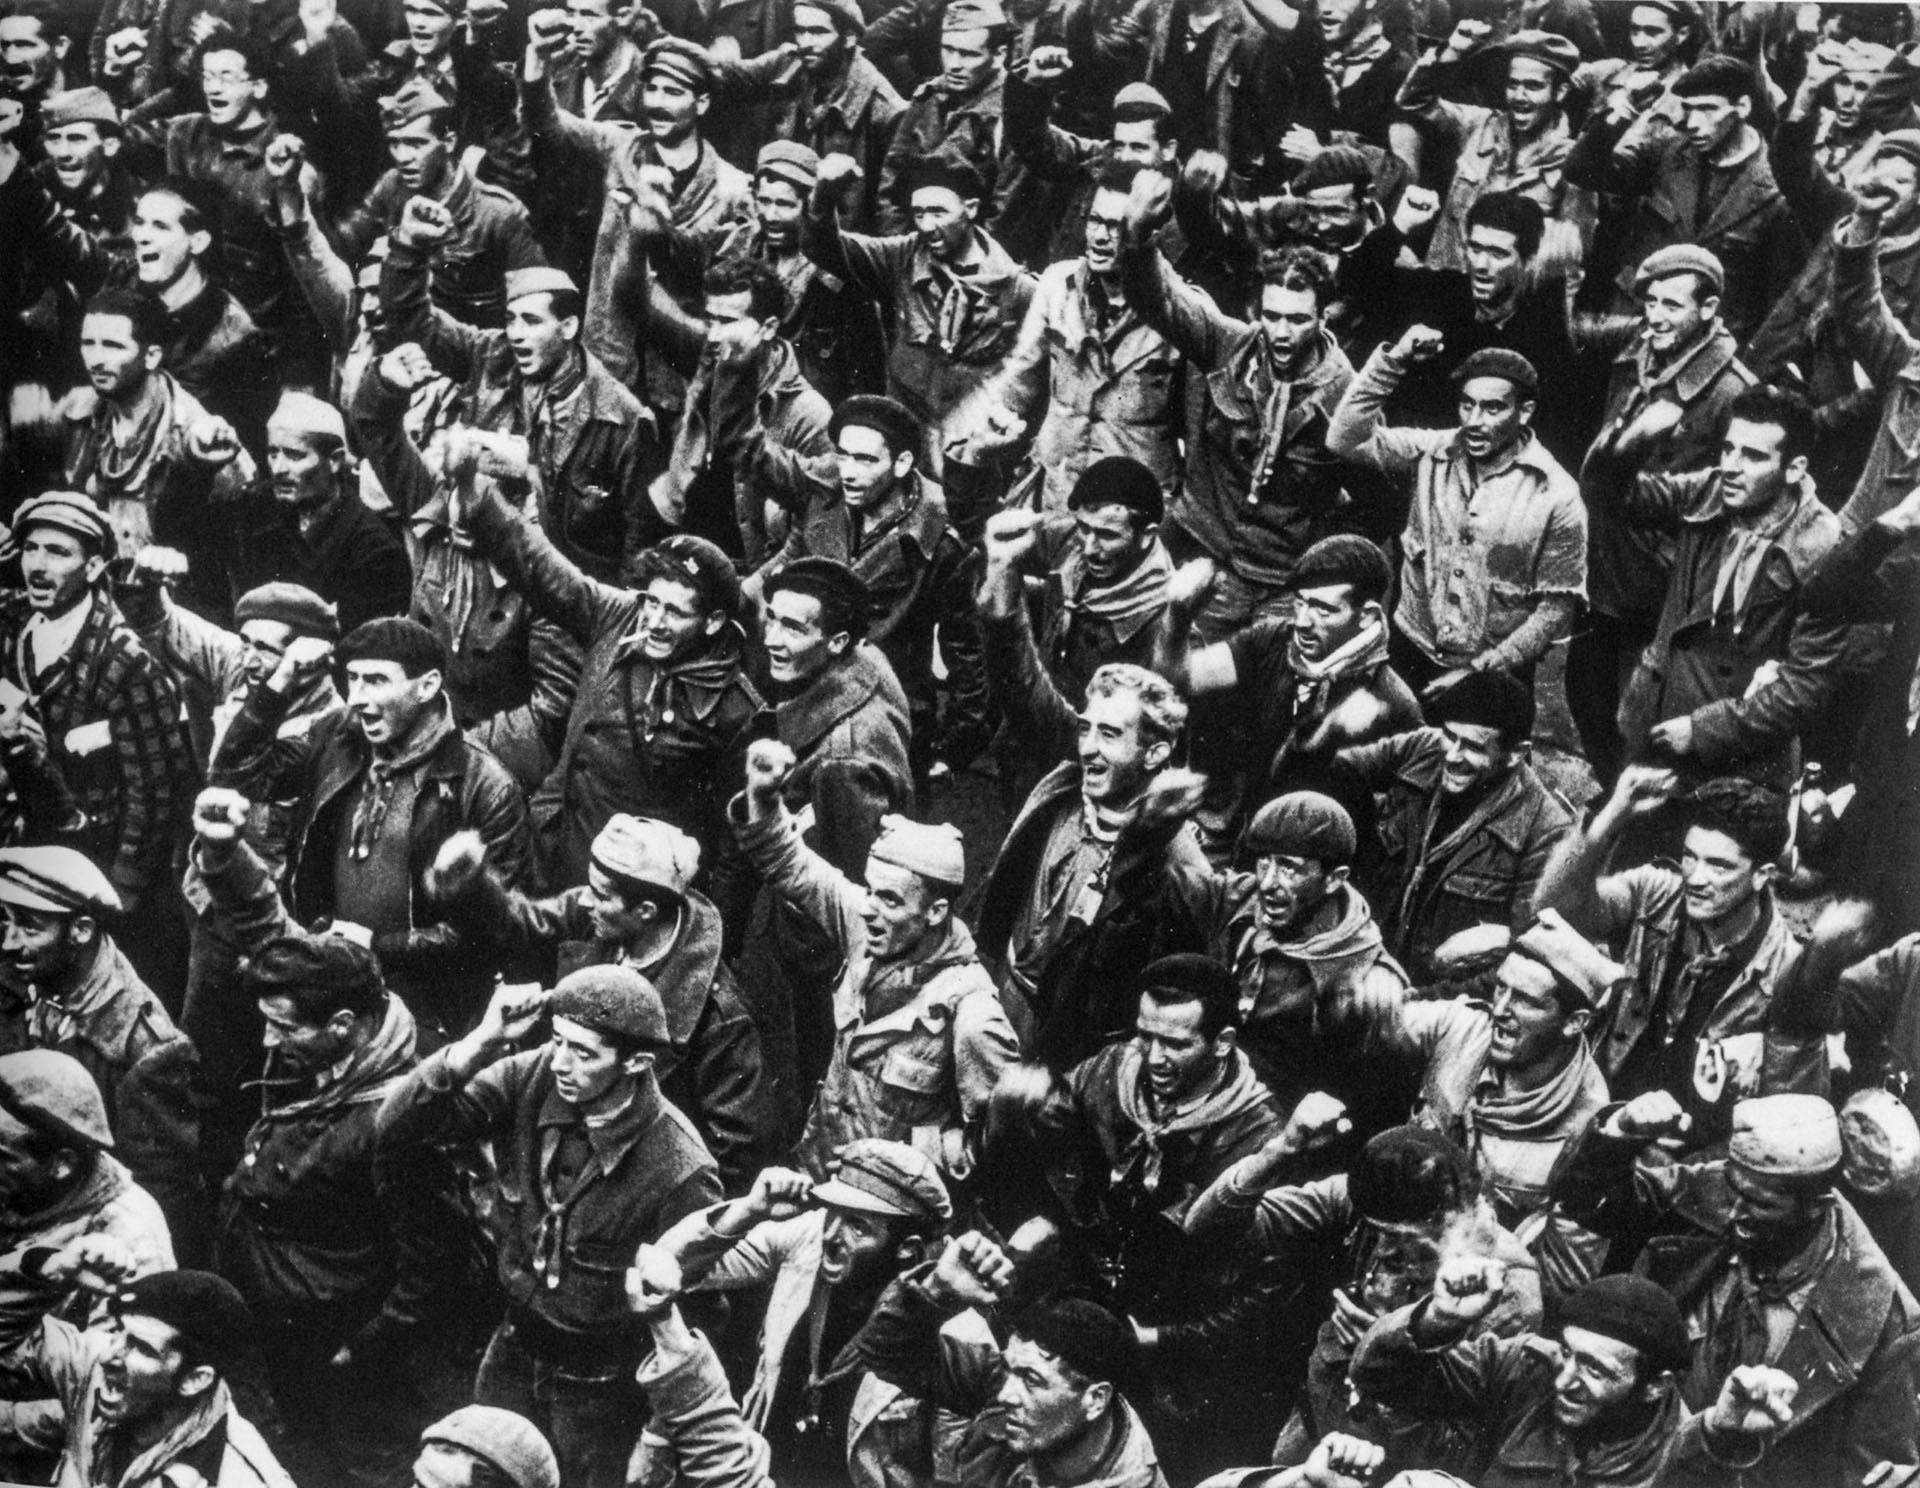 Andrei Friedmann (Robert Capa) nació en Budapest en 1913 y con solo diecisiete años fue exiliado de su país por su activismo izquierdista. Estudió periodismo en Berlín, y pronto empezó a trabajar en fotografía. En la foto: civiles en Madrid, 1937 (Robert Capa)